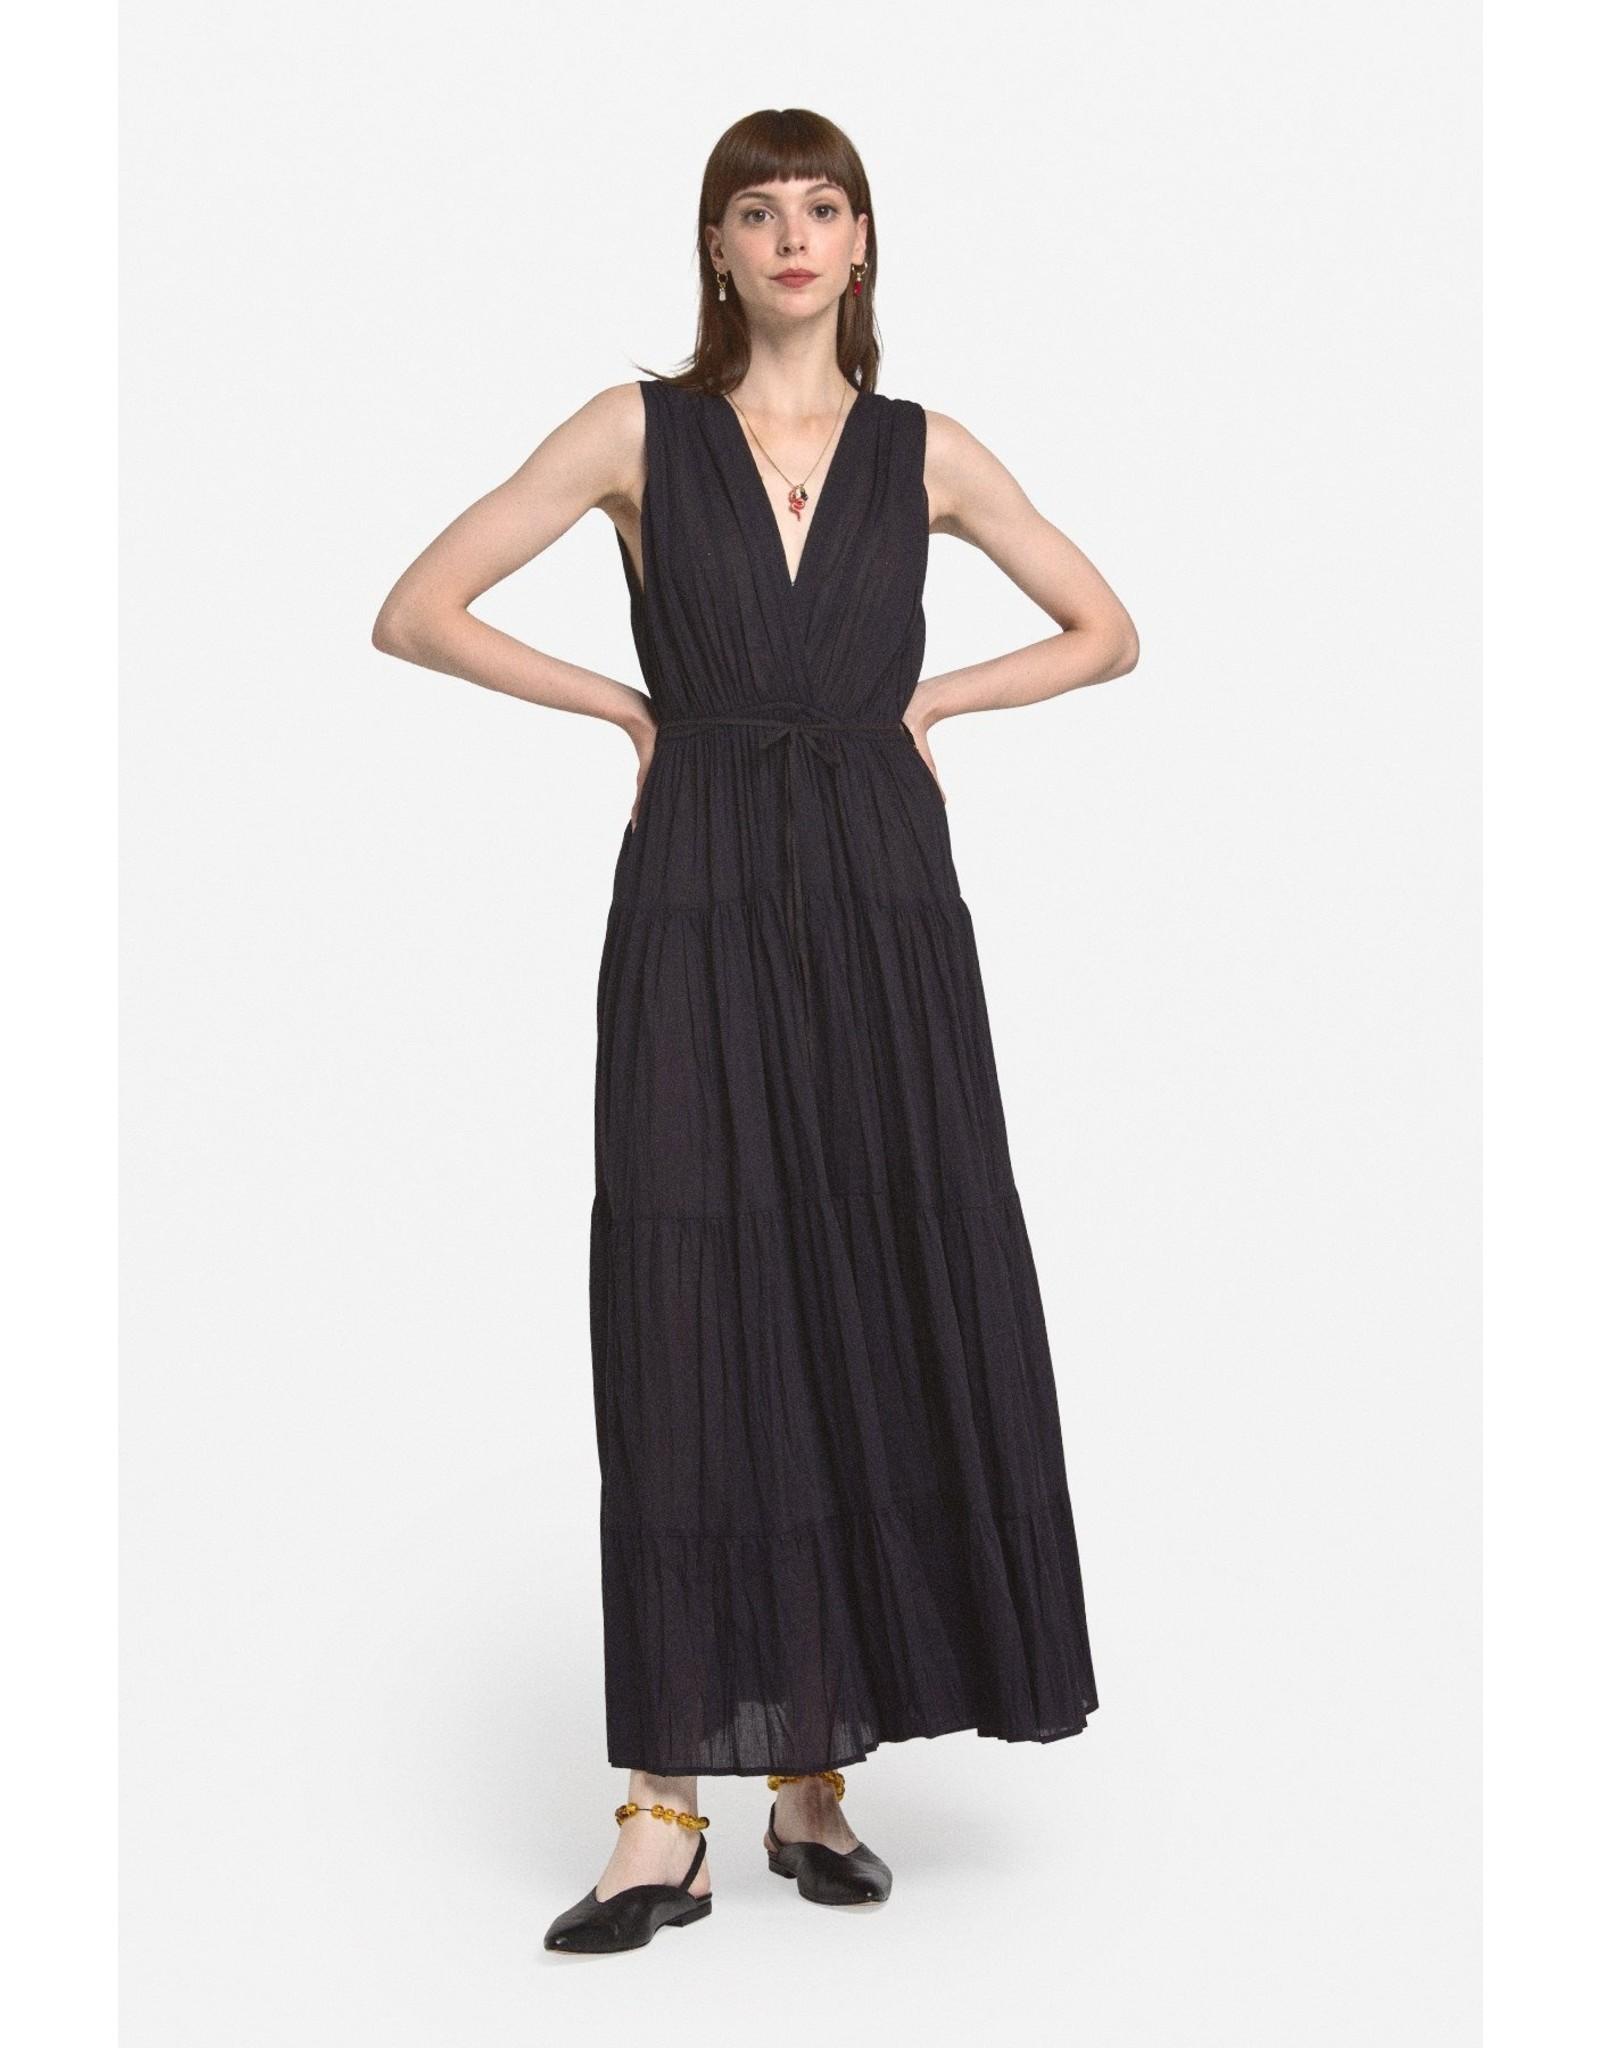 Ottod'Ame Cotton Long Dress w/ Deep V Neckline - DA4240